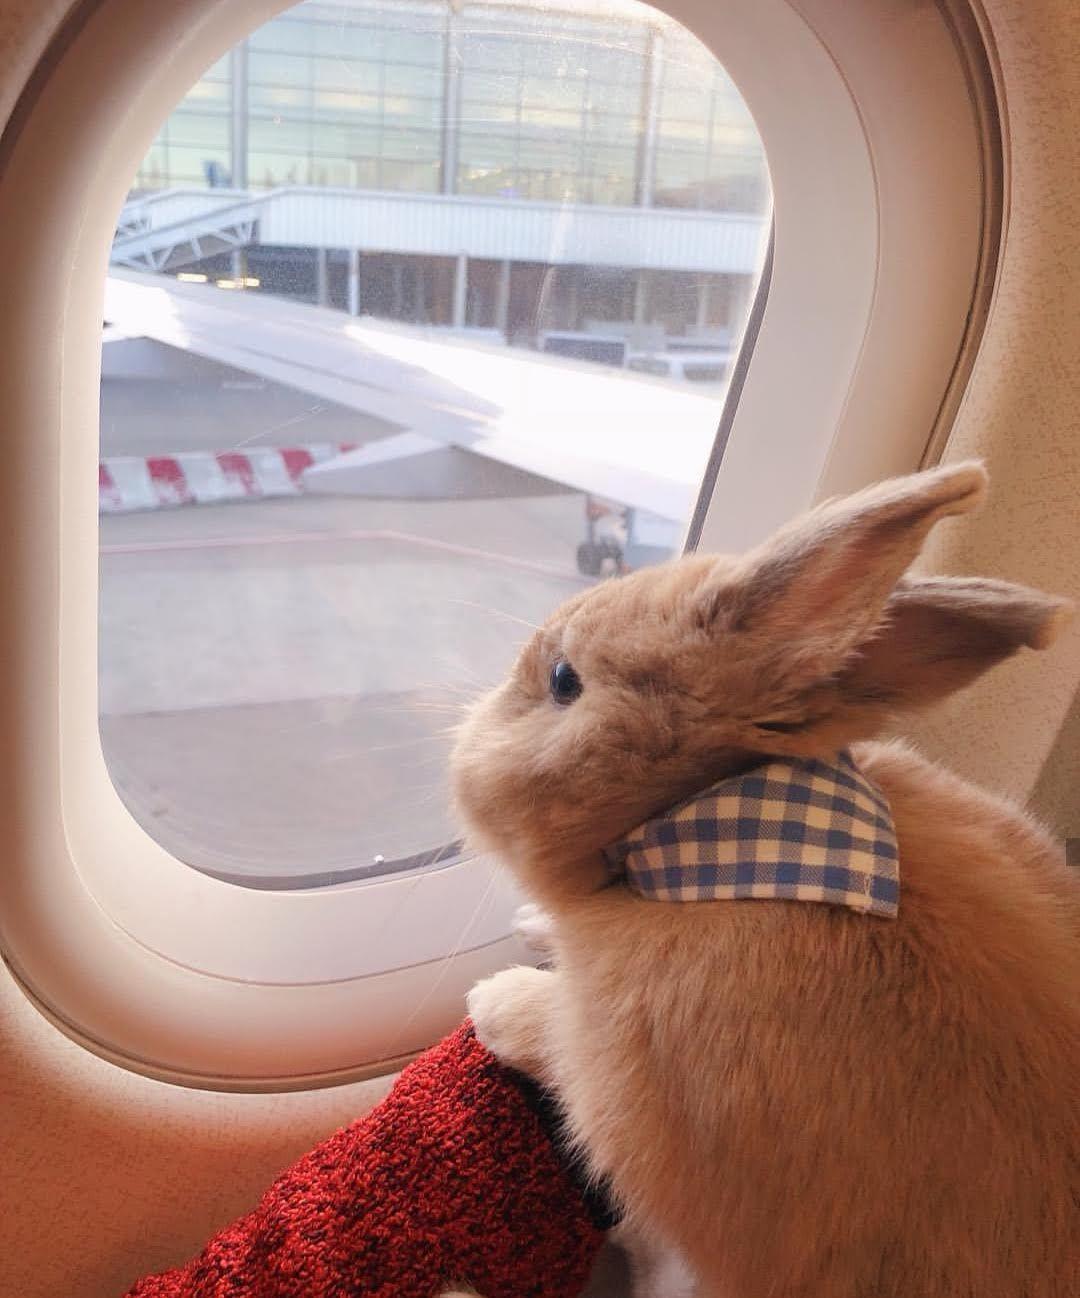 bunnies like to travel too | Bunnies | Cute baby bunnies ...